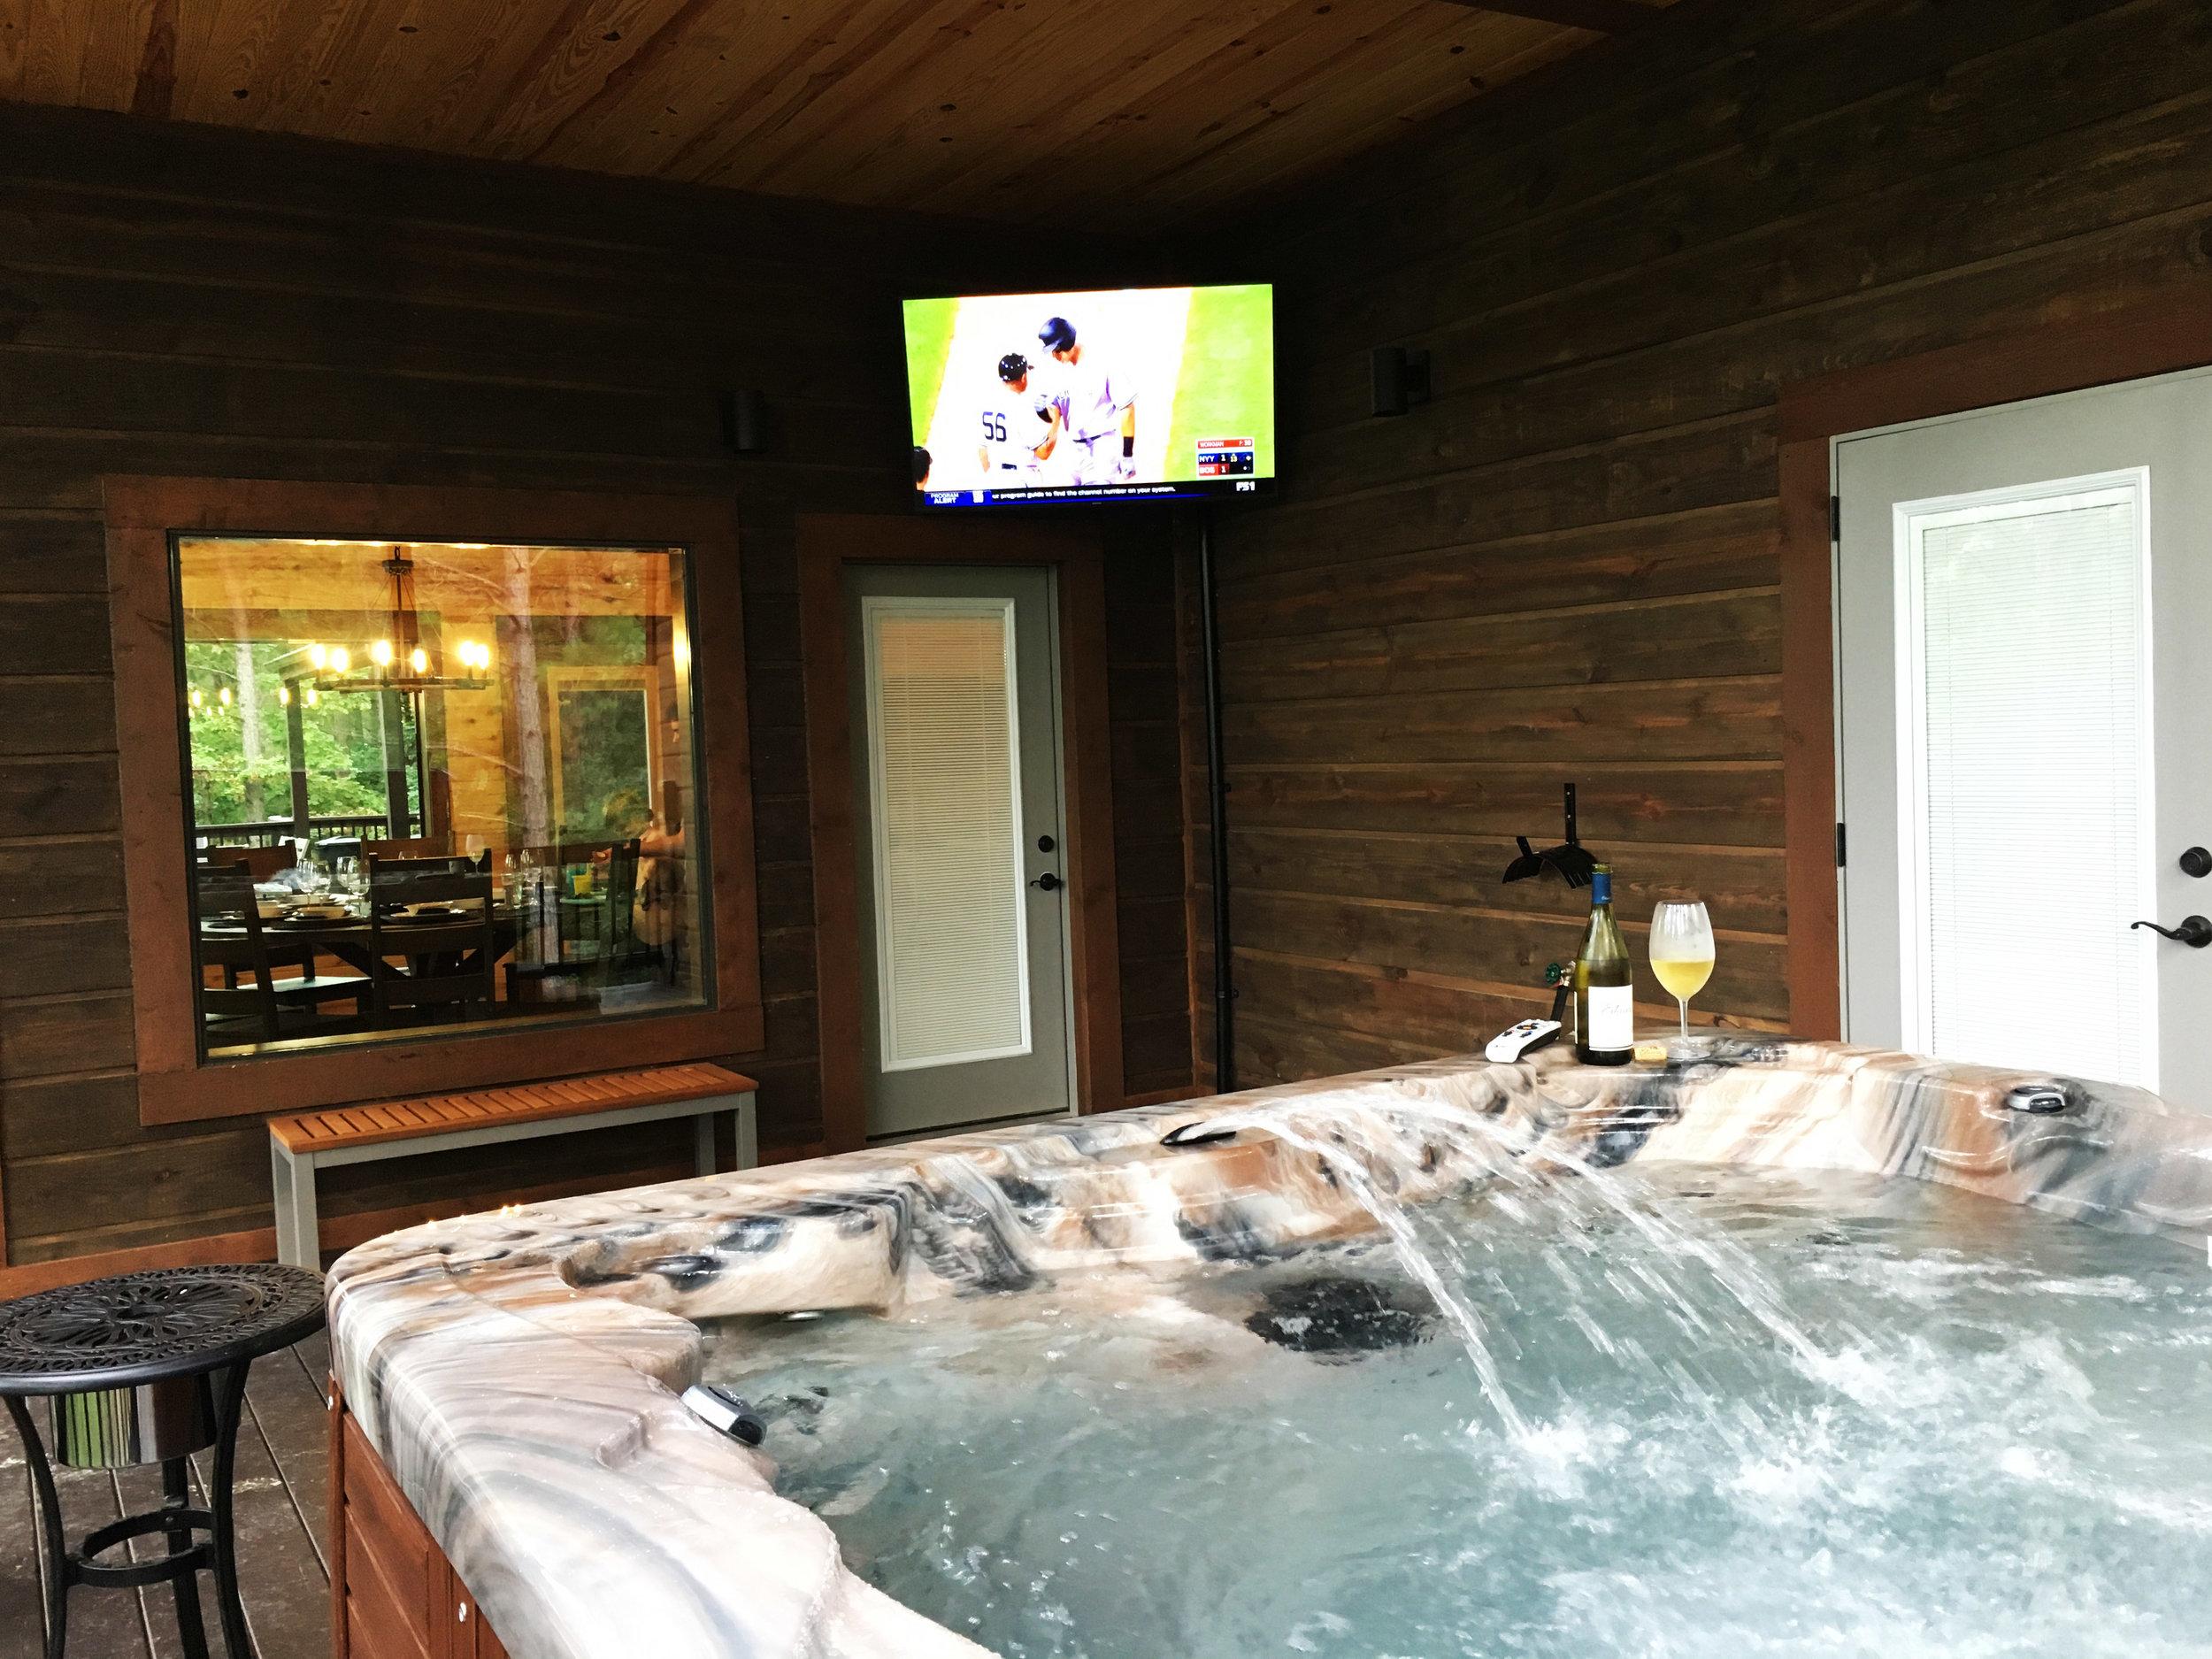 Hot Tub & TVa.jpg